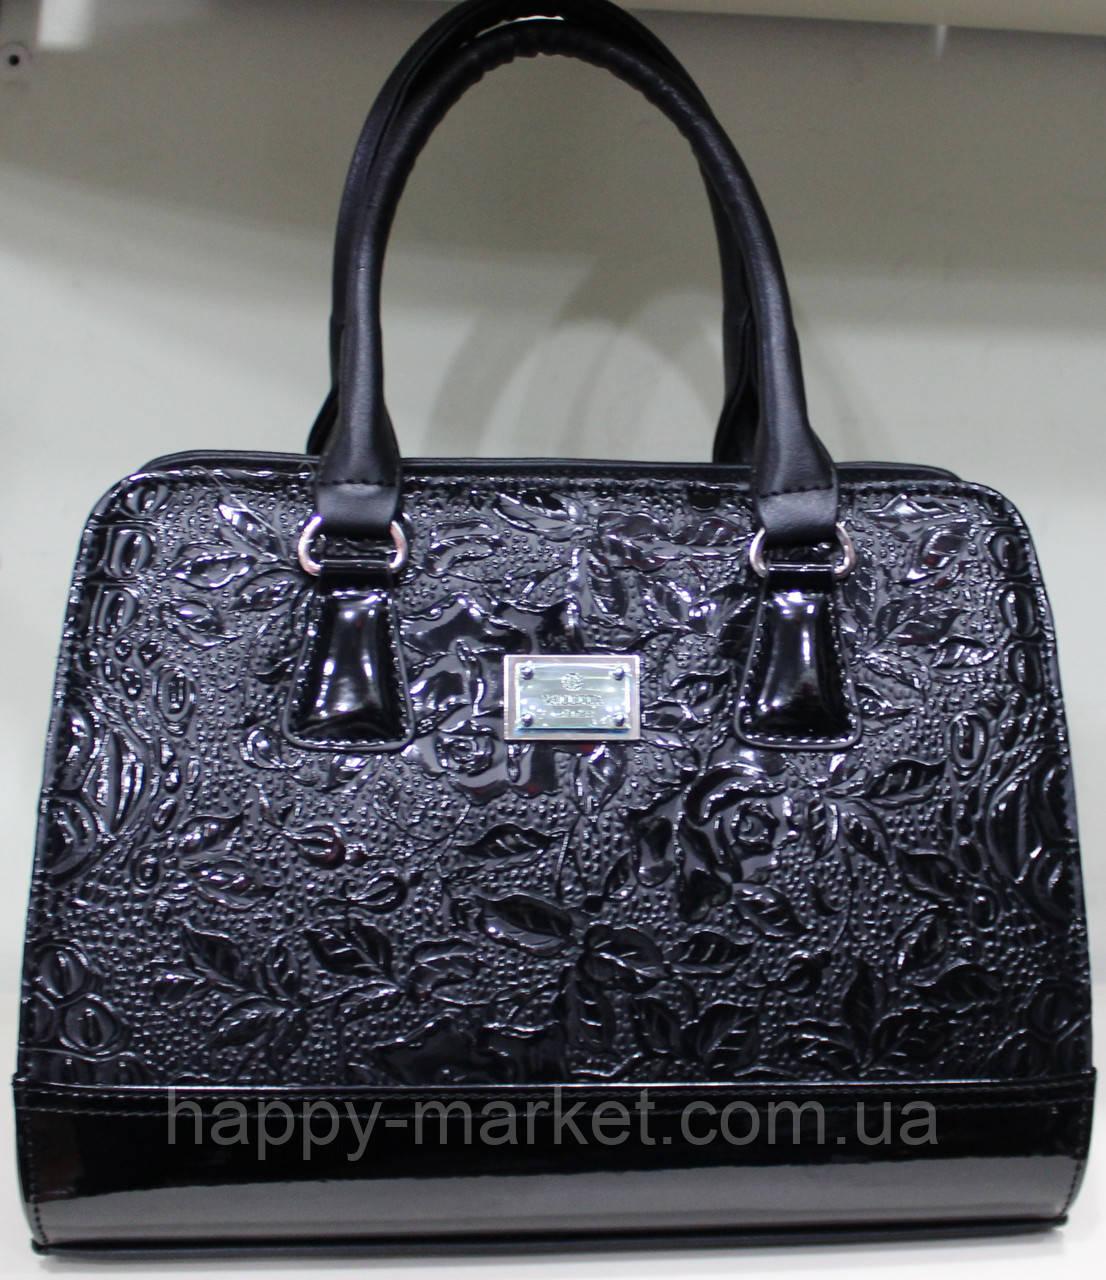 Сумка стильная женская классическая каркасная  Цветы Fashion 17-1426-7